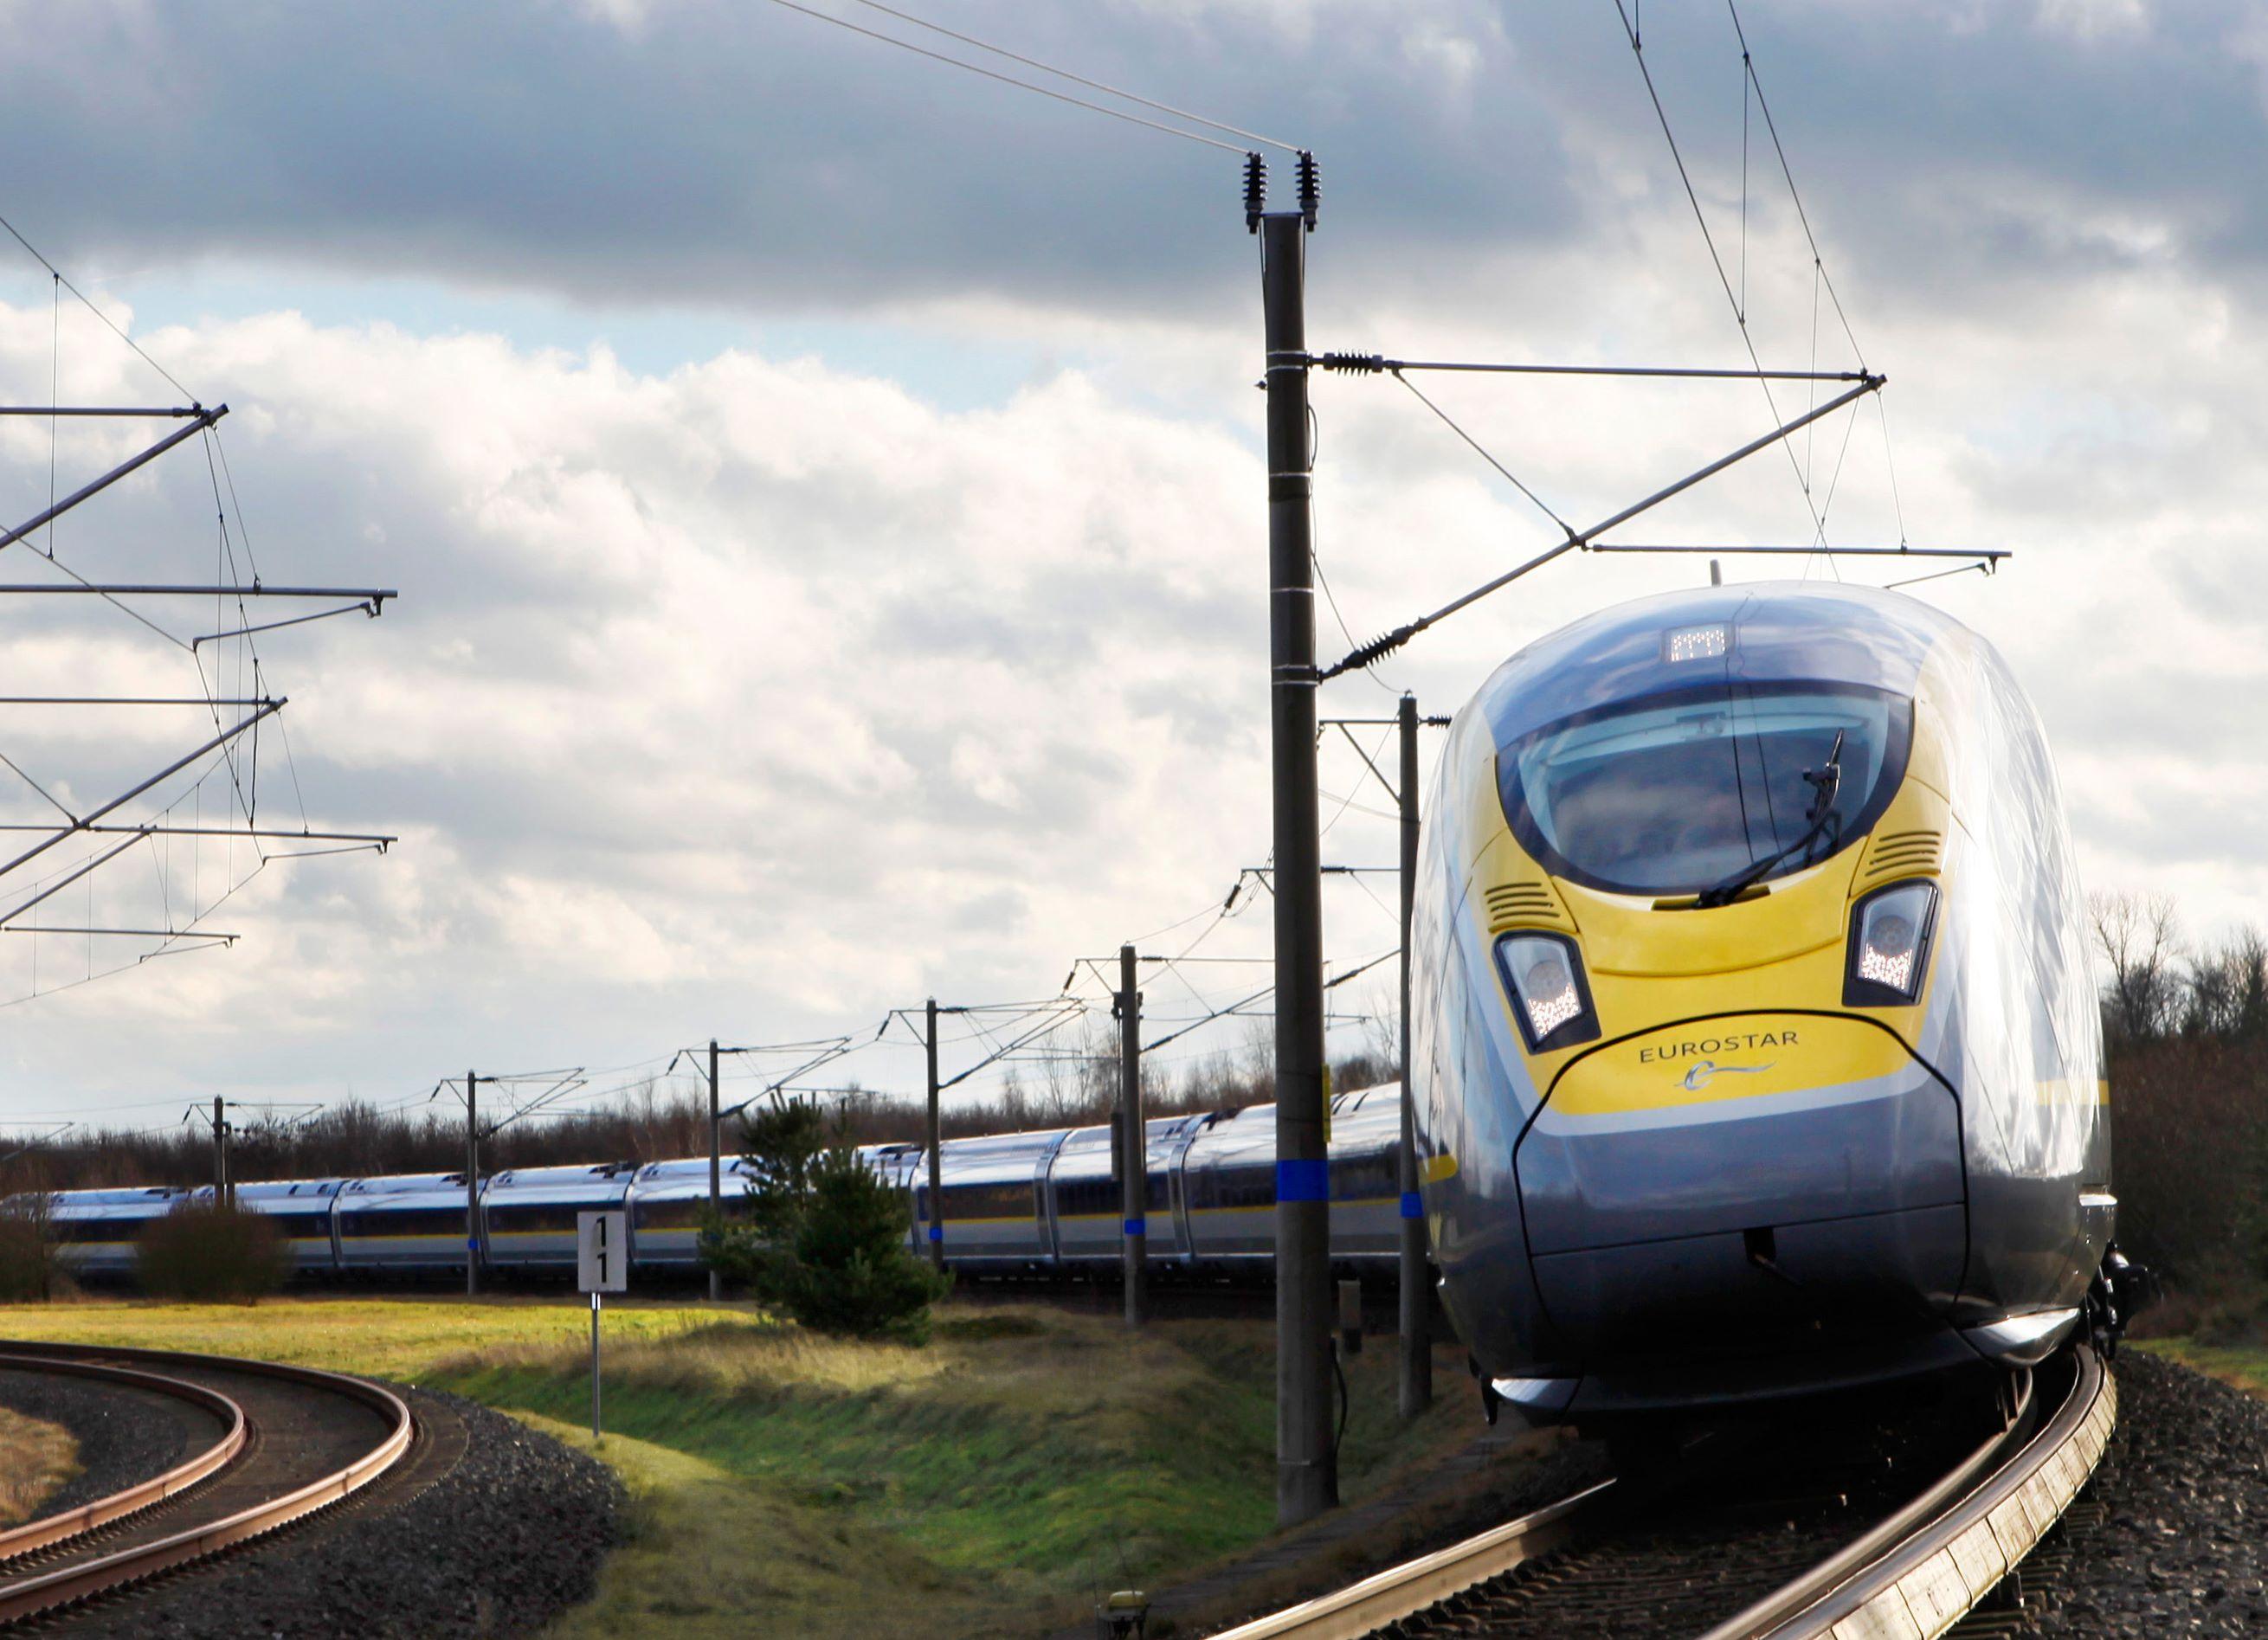 Eurostar kører primært højhastighedstog mellem Paris og London – transportformen bliver stadig mere udbredt i dele af Europa, men det er kostbart og tidskrævende at anlægge spor til højhastighedstogene. Pressefoto: Siemens – Eurostar International.